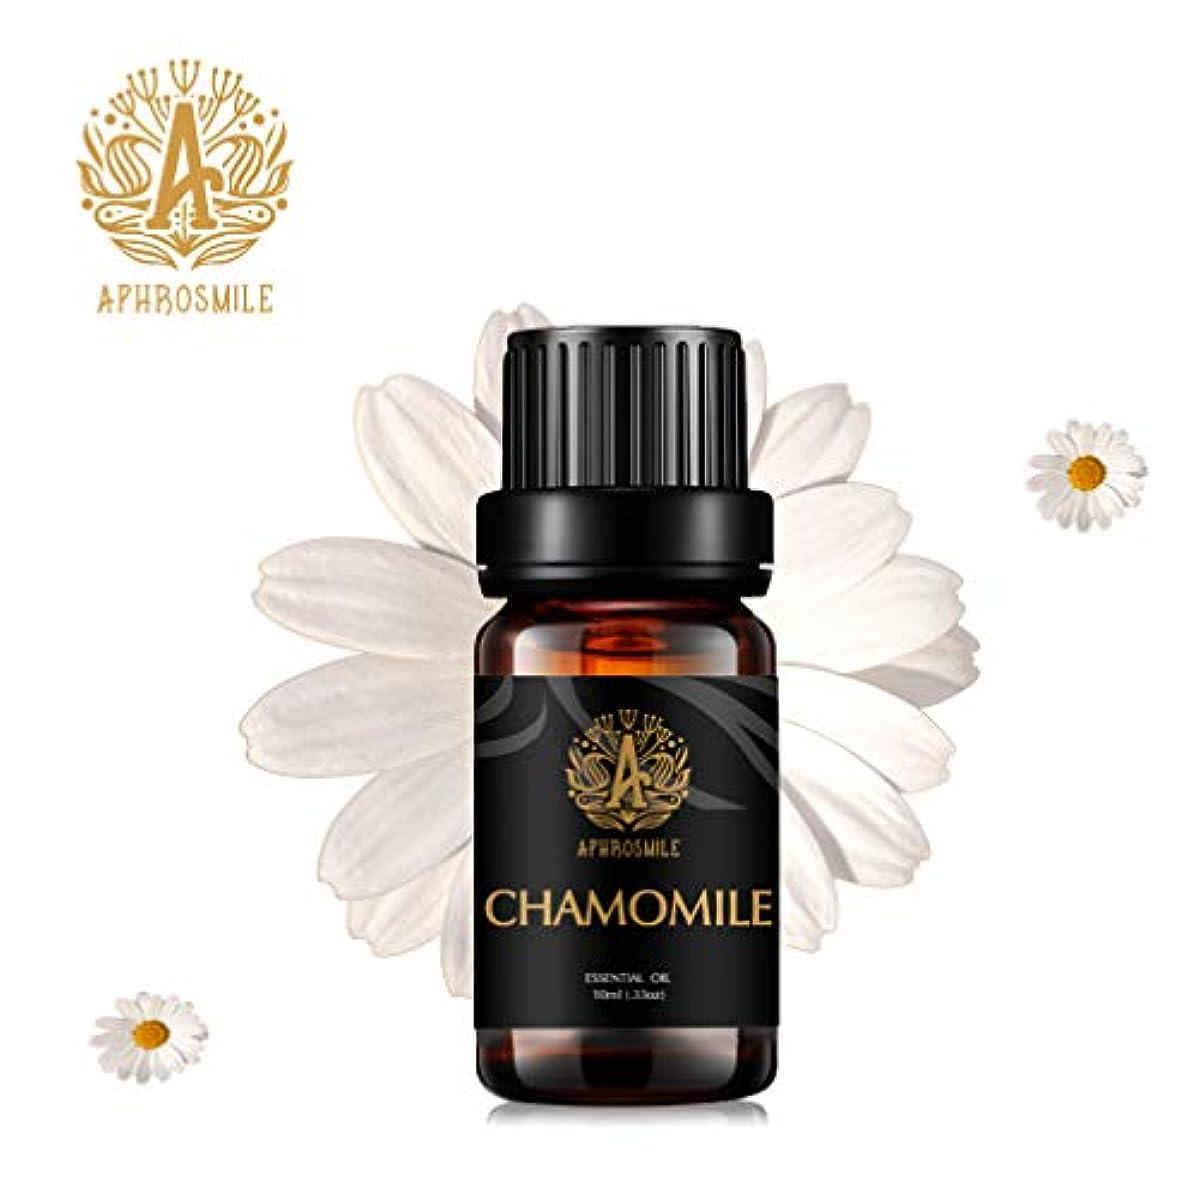 短命落胆させる農奴カモミールエッセンシャルオイル、100%純粋なアロマセラピーエッセンシャルオイルカモミールの香り、不安を和らげます、治療上の等級の精油のカモミールの芳香のために拡散器、マッサージ、加湿器、毎日の心配、0.33オンス-10ml